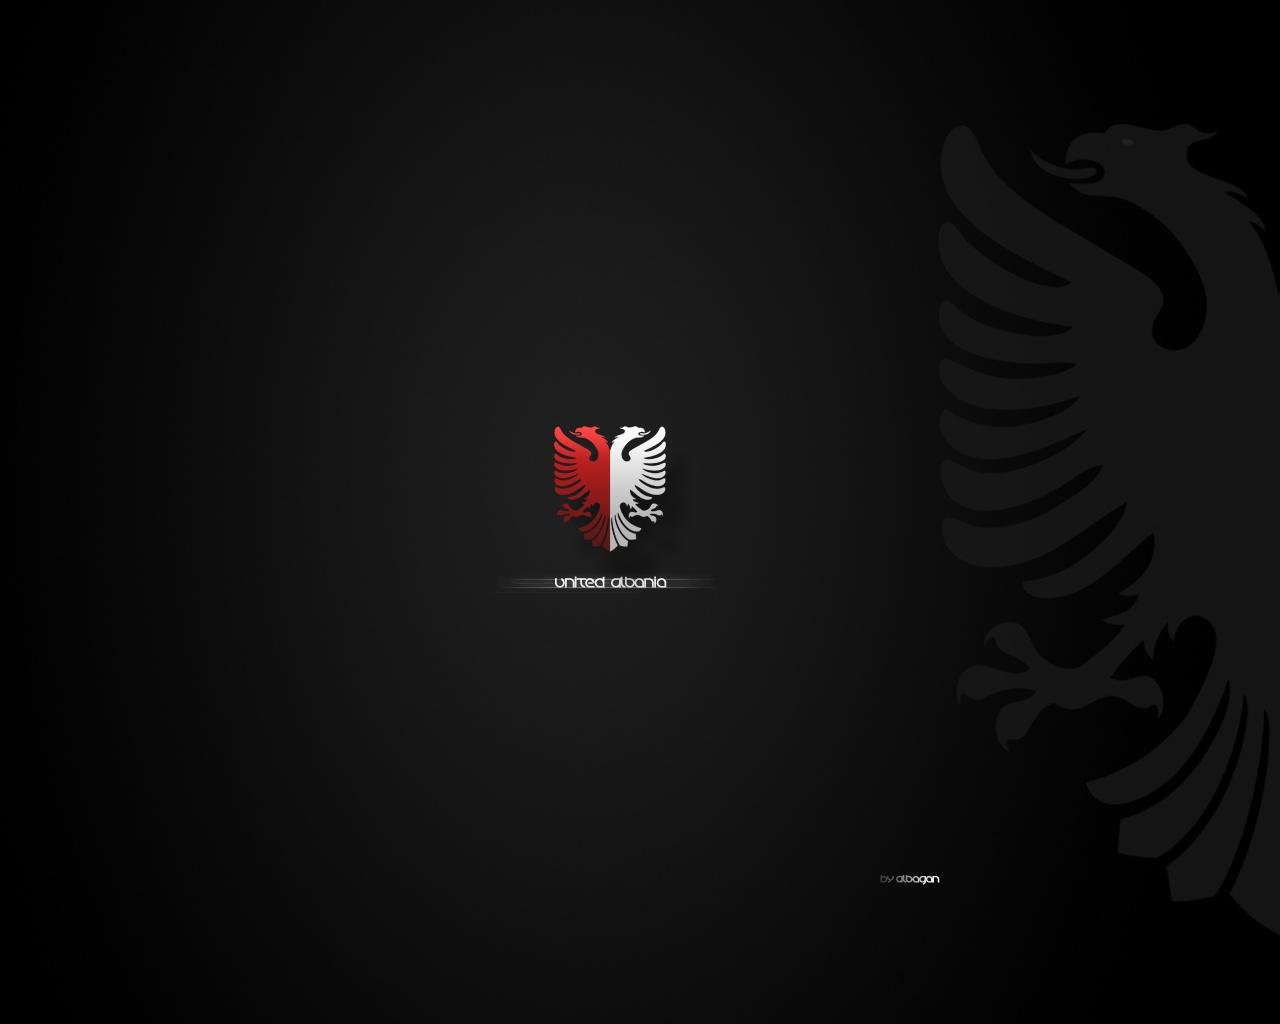 Black Red Eagle Wallpaper